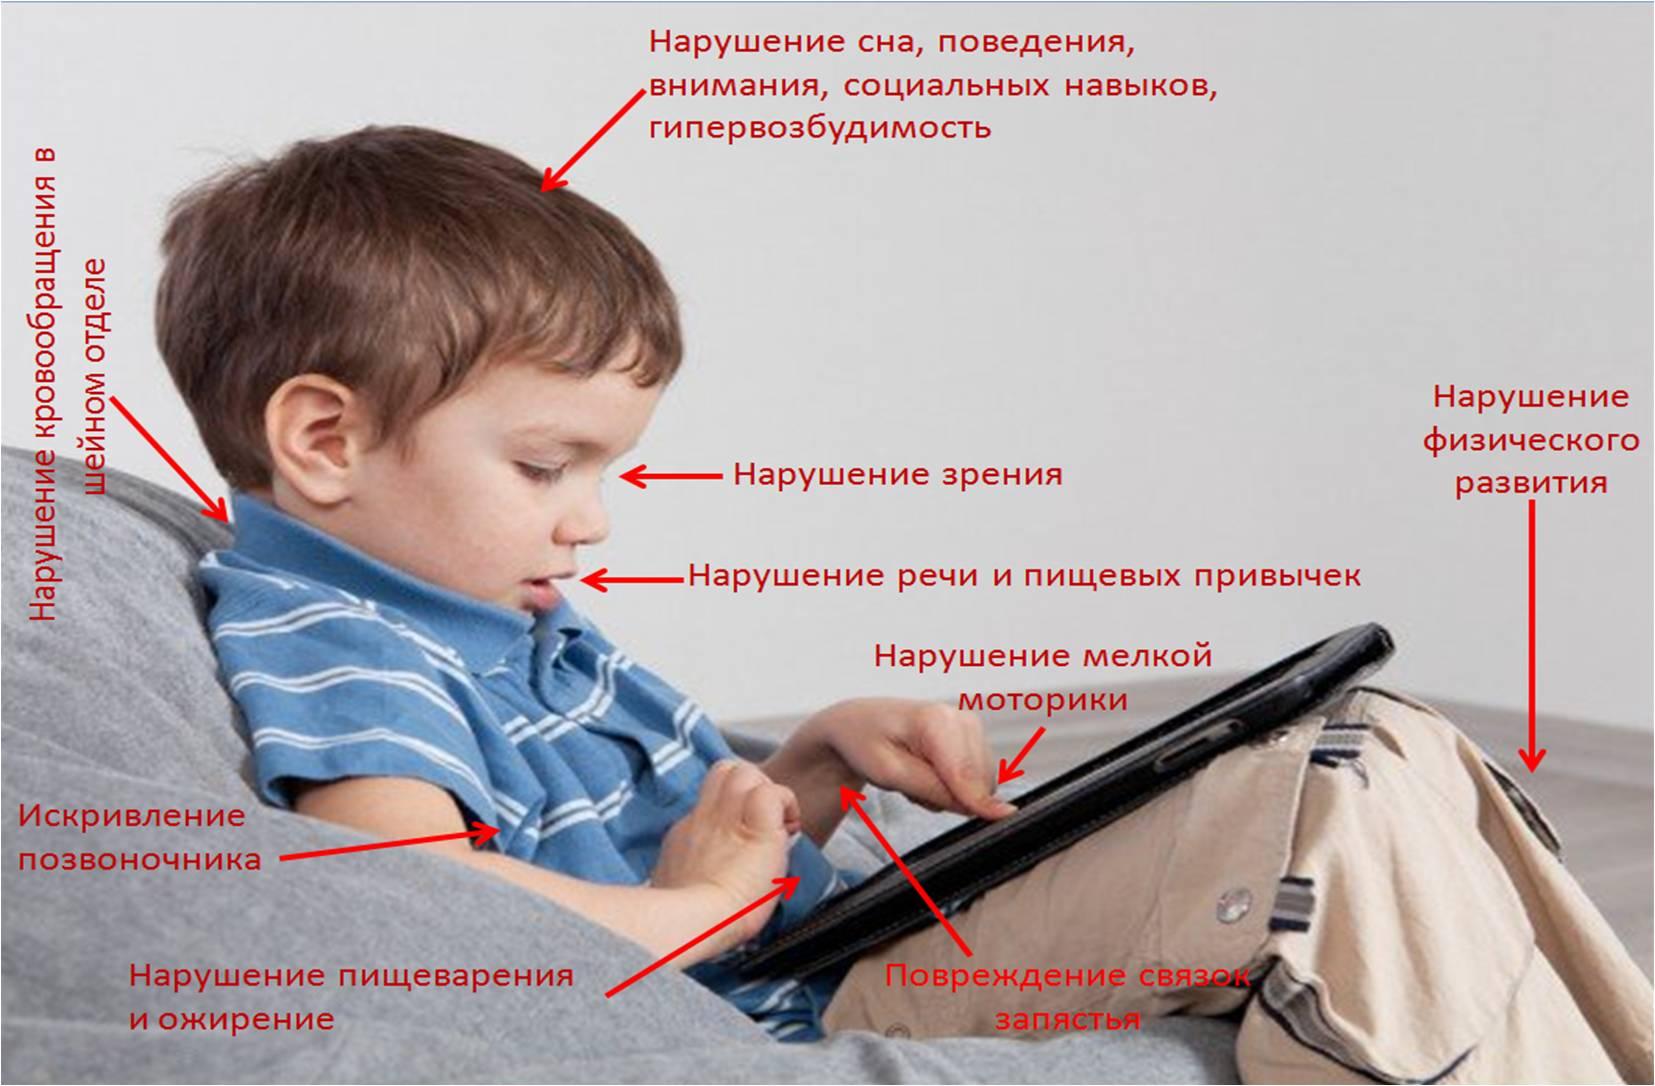 Вред планшета для ребенка (кликни для увеличения)